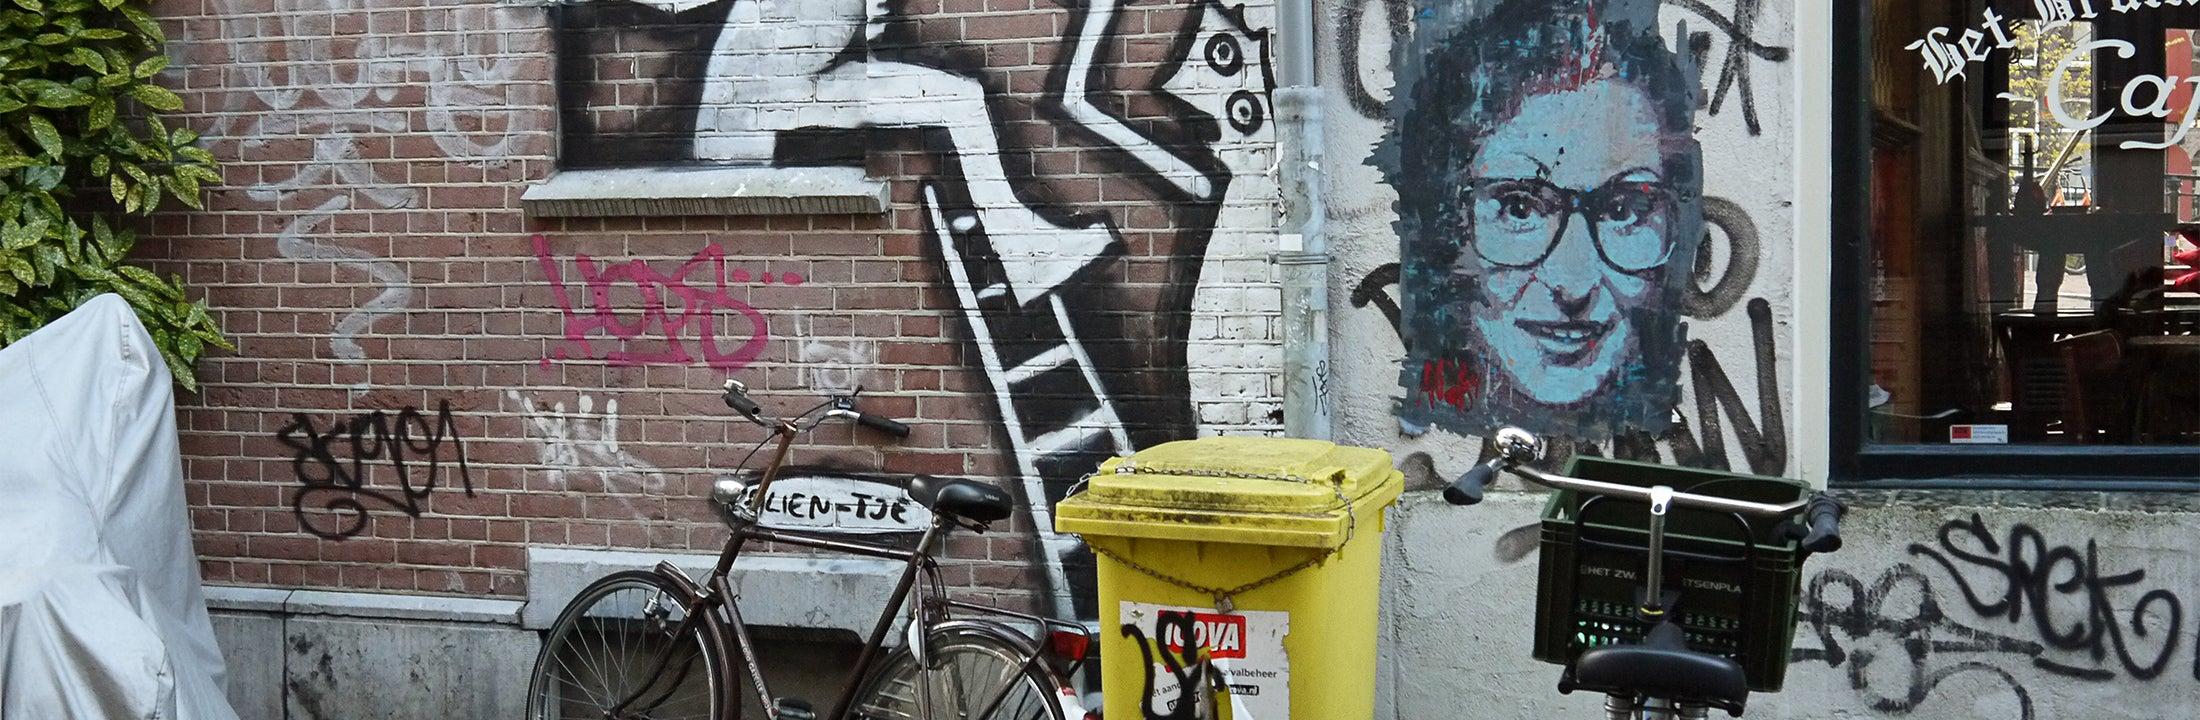 Huis met graffiti